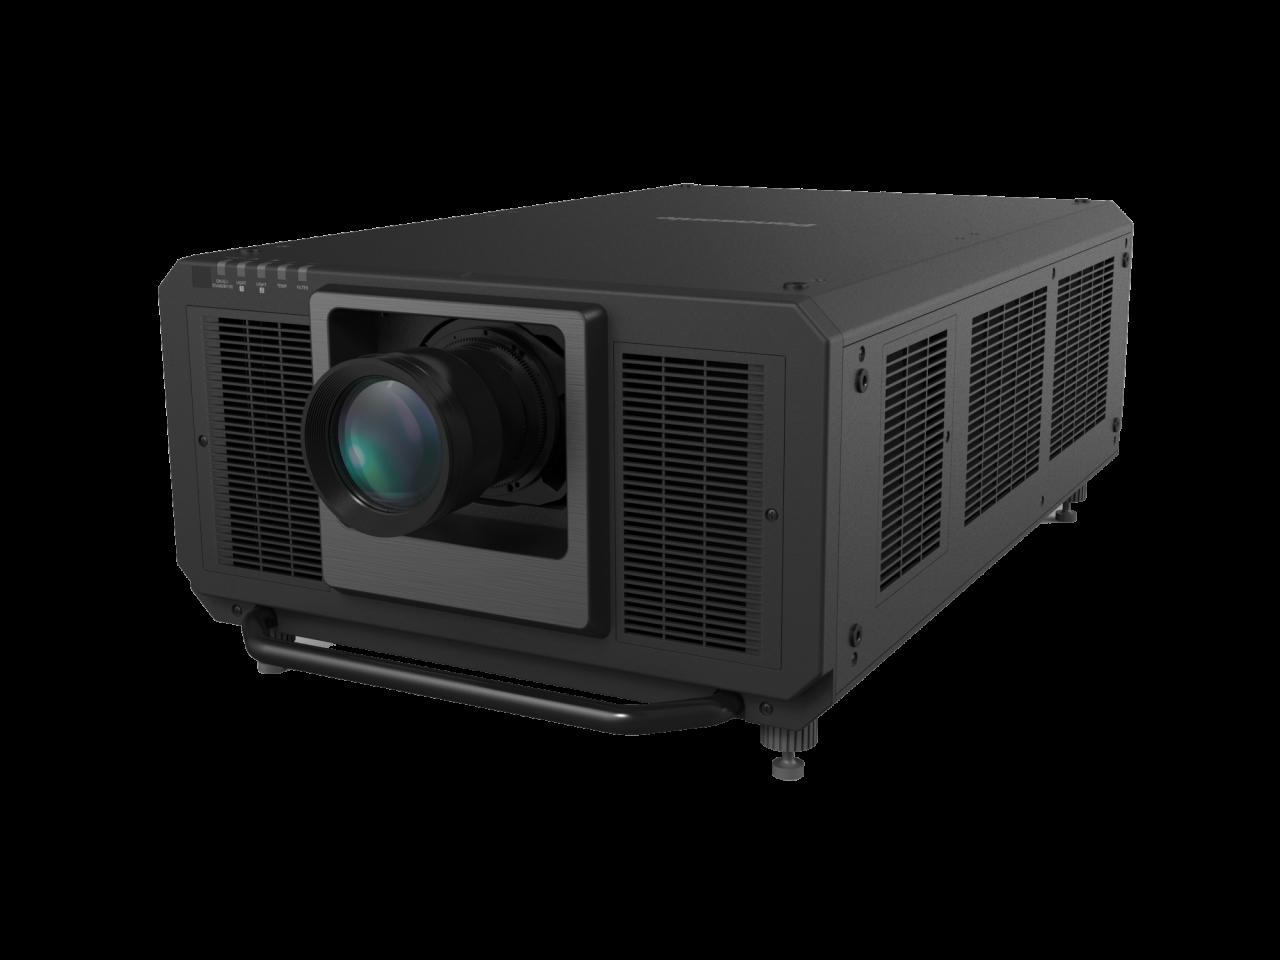 Da Panasonic nuove soluzioni per l'A/V professionale, anche un proiettore 4K+ da 27.000 lumen